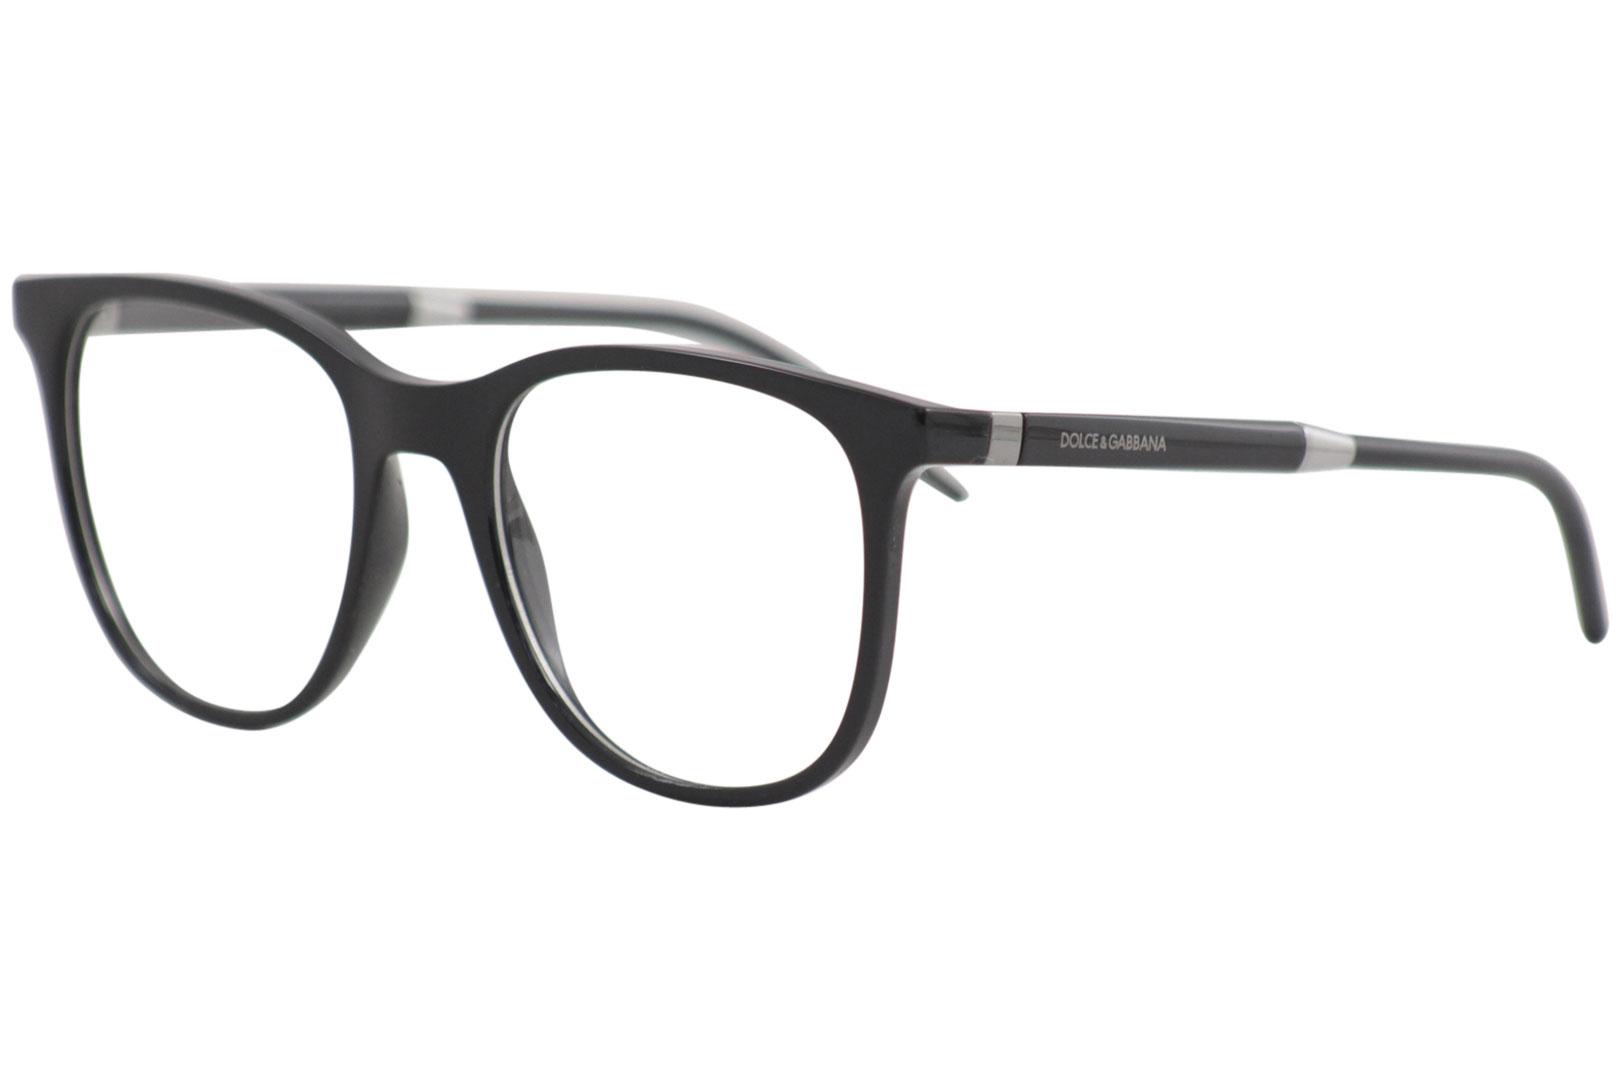 ef42e399a3f Dolce   Gabbana Men s Eyeglasses D G DG5037 DG 5037 501 Black ...